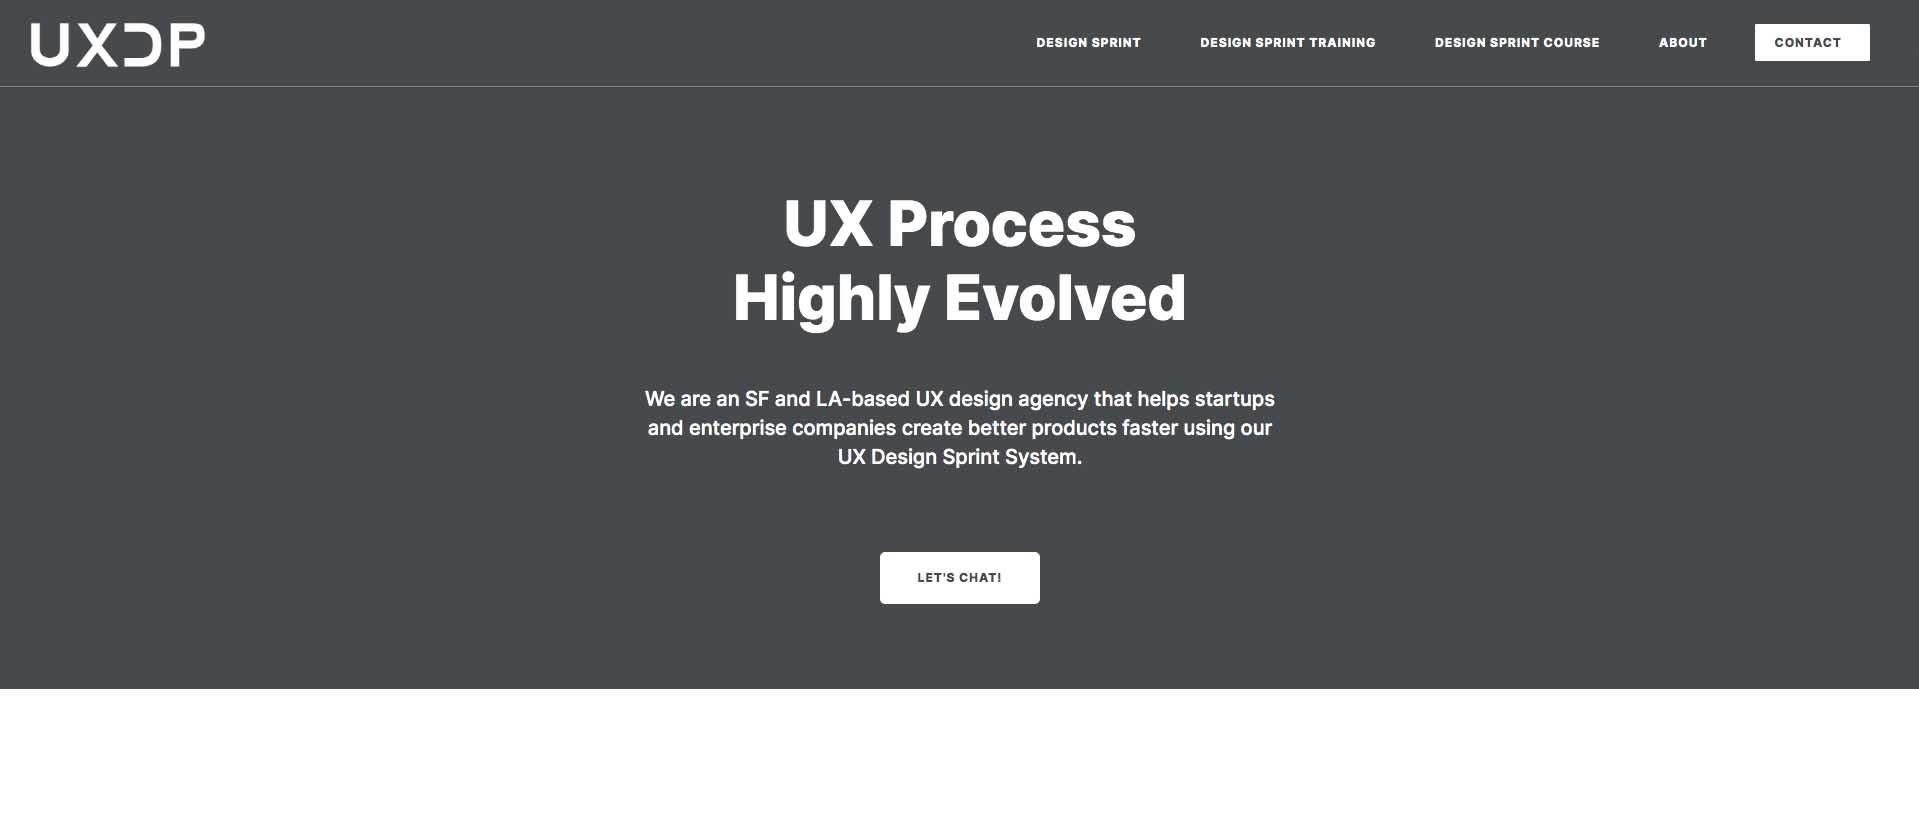 ux-design-half